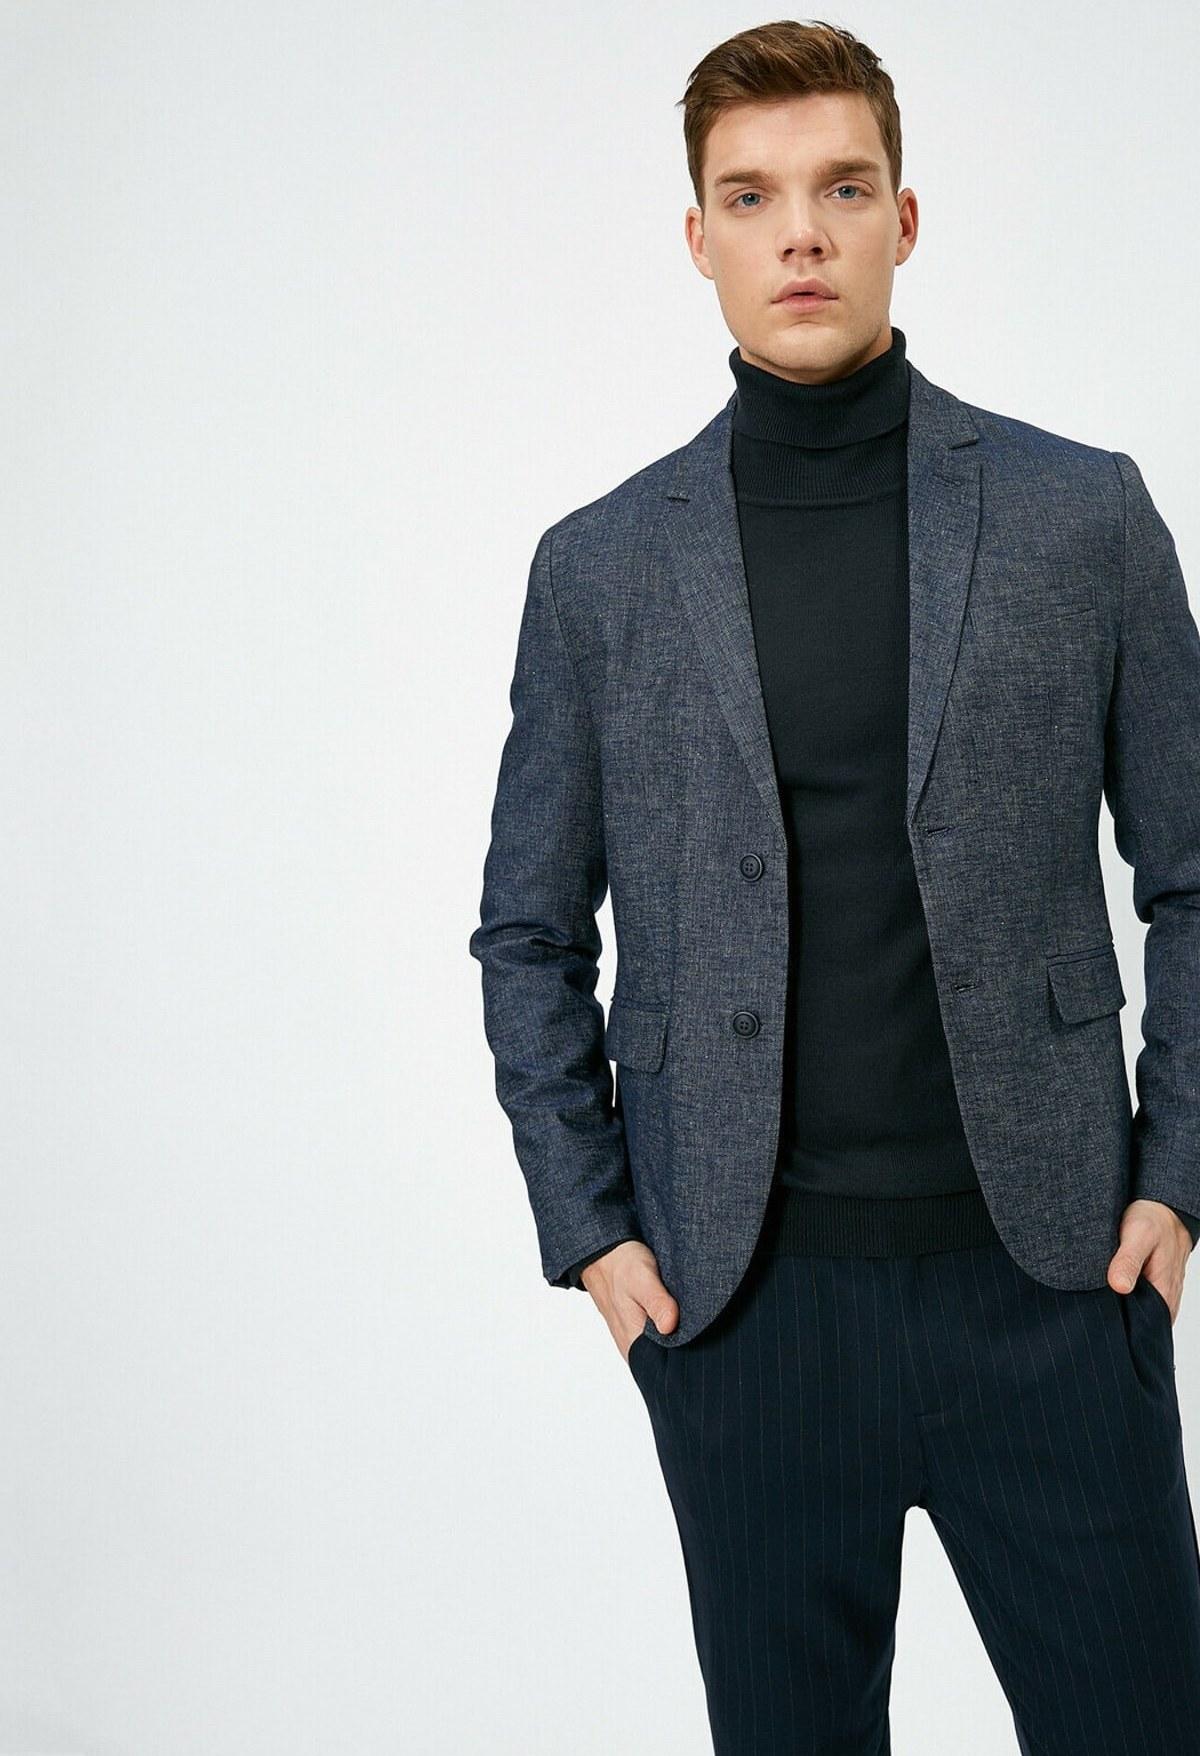 تصویر  ژاکت جین مدل 2021 برند کوتون رنگ لاجوردی کد ty34876929